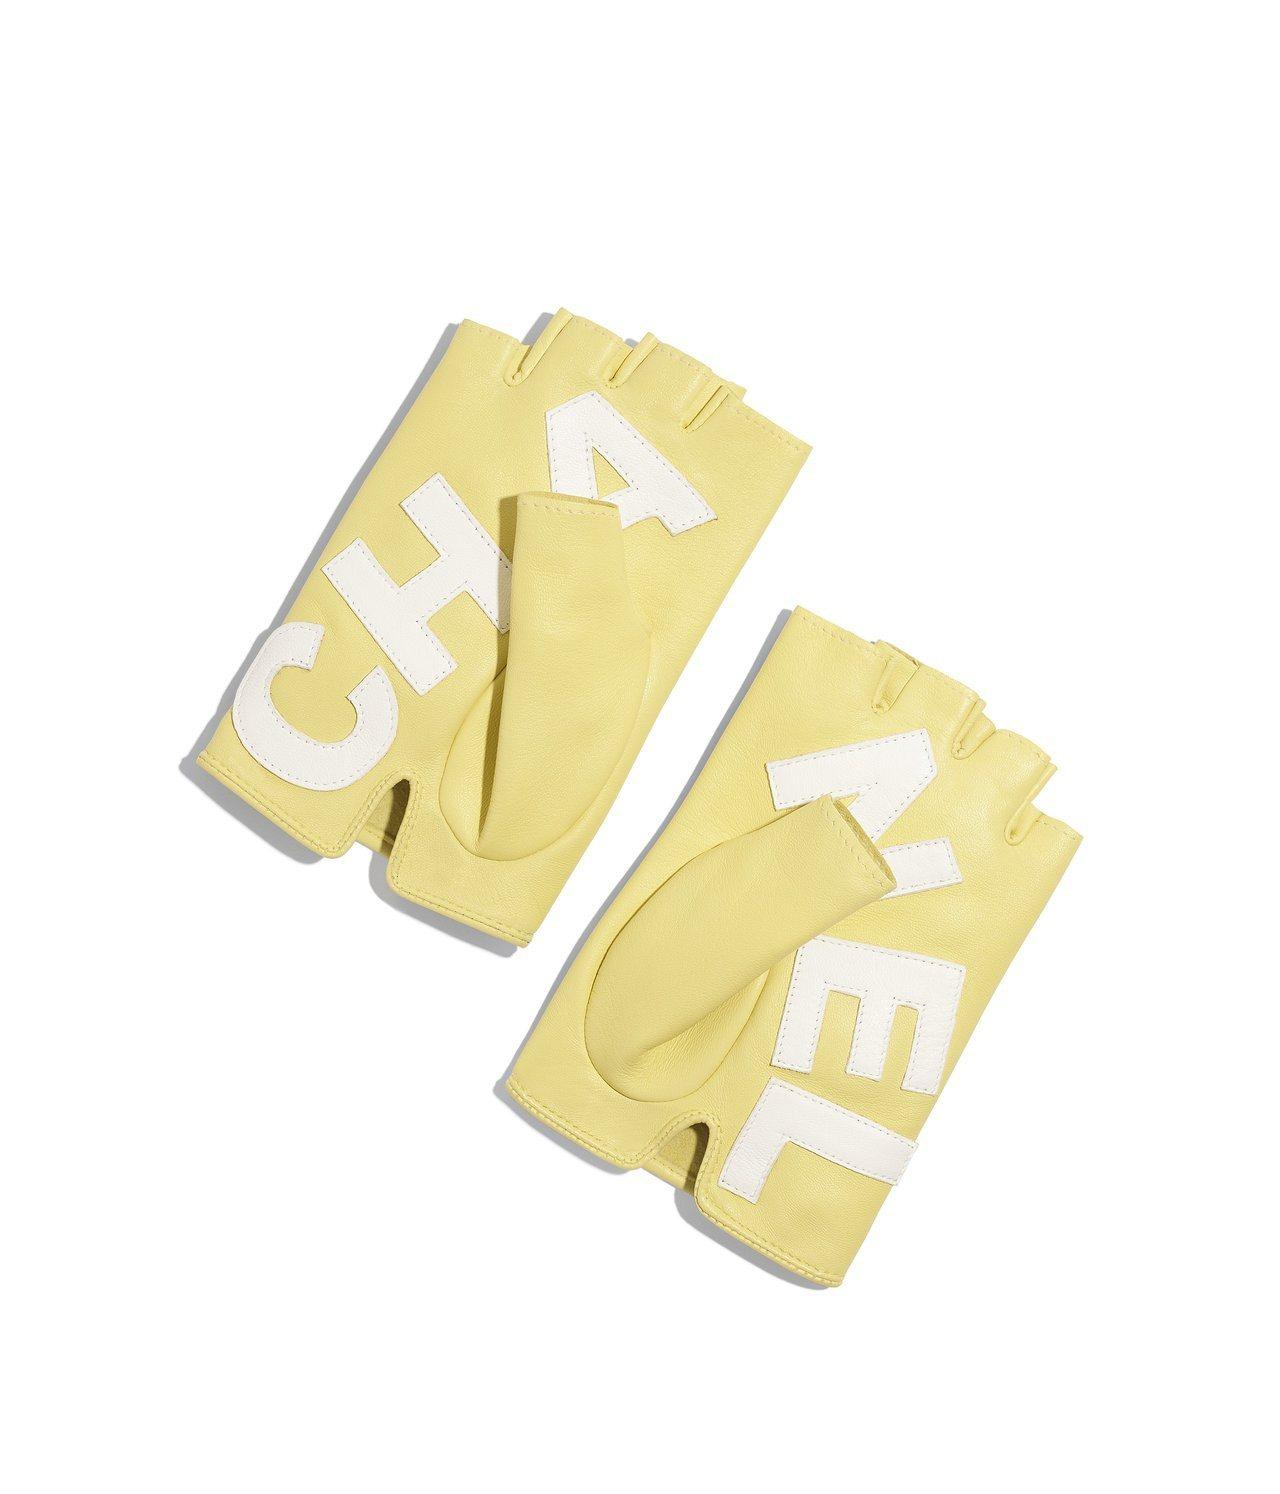 鵝黃色CHANEL皮革露指手套,22,800元。圖/香奈兒提供